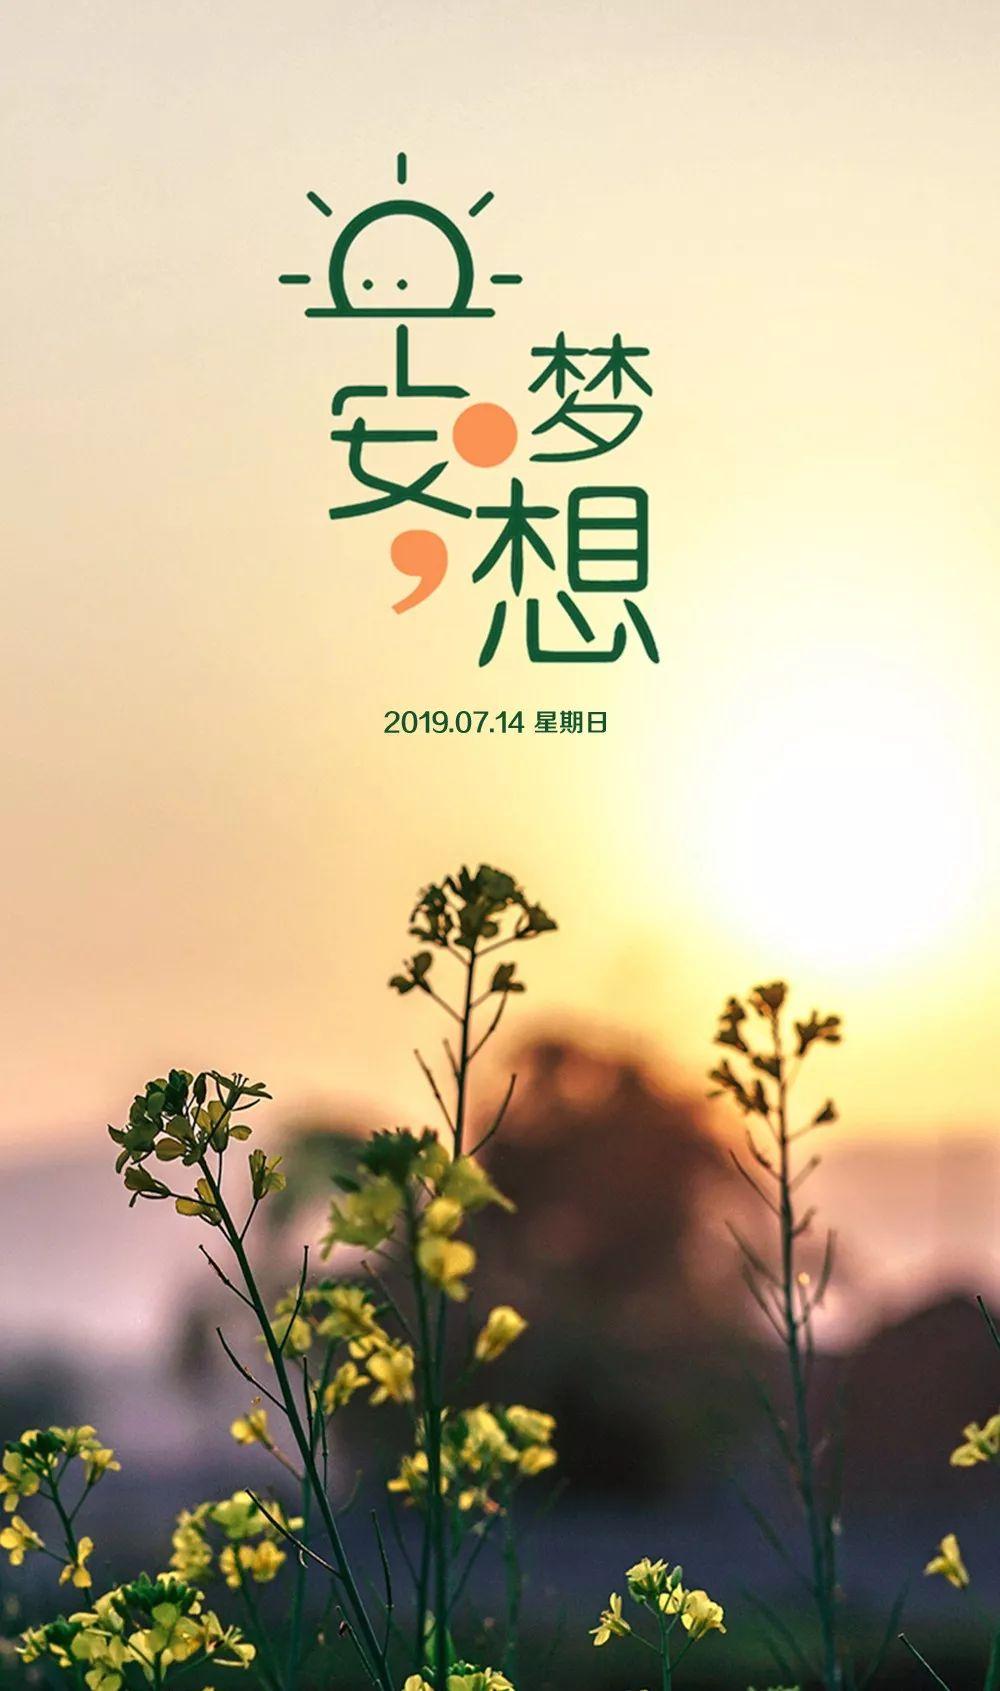 7月14日早安正能量说说短句分享 温馨早安图片带字正能量